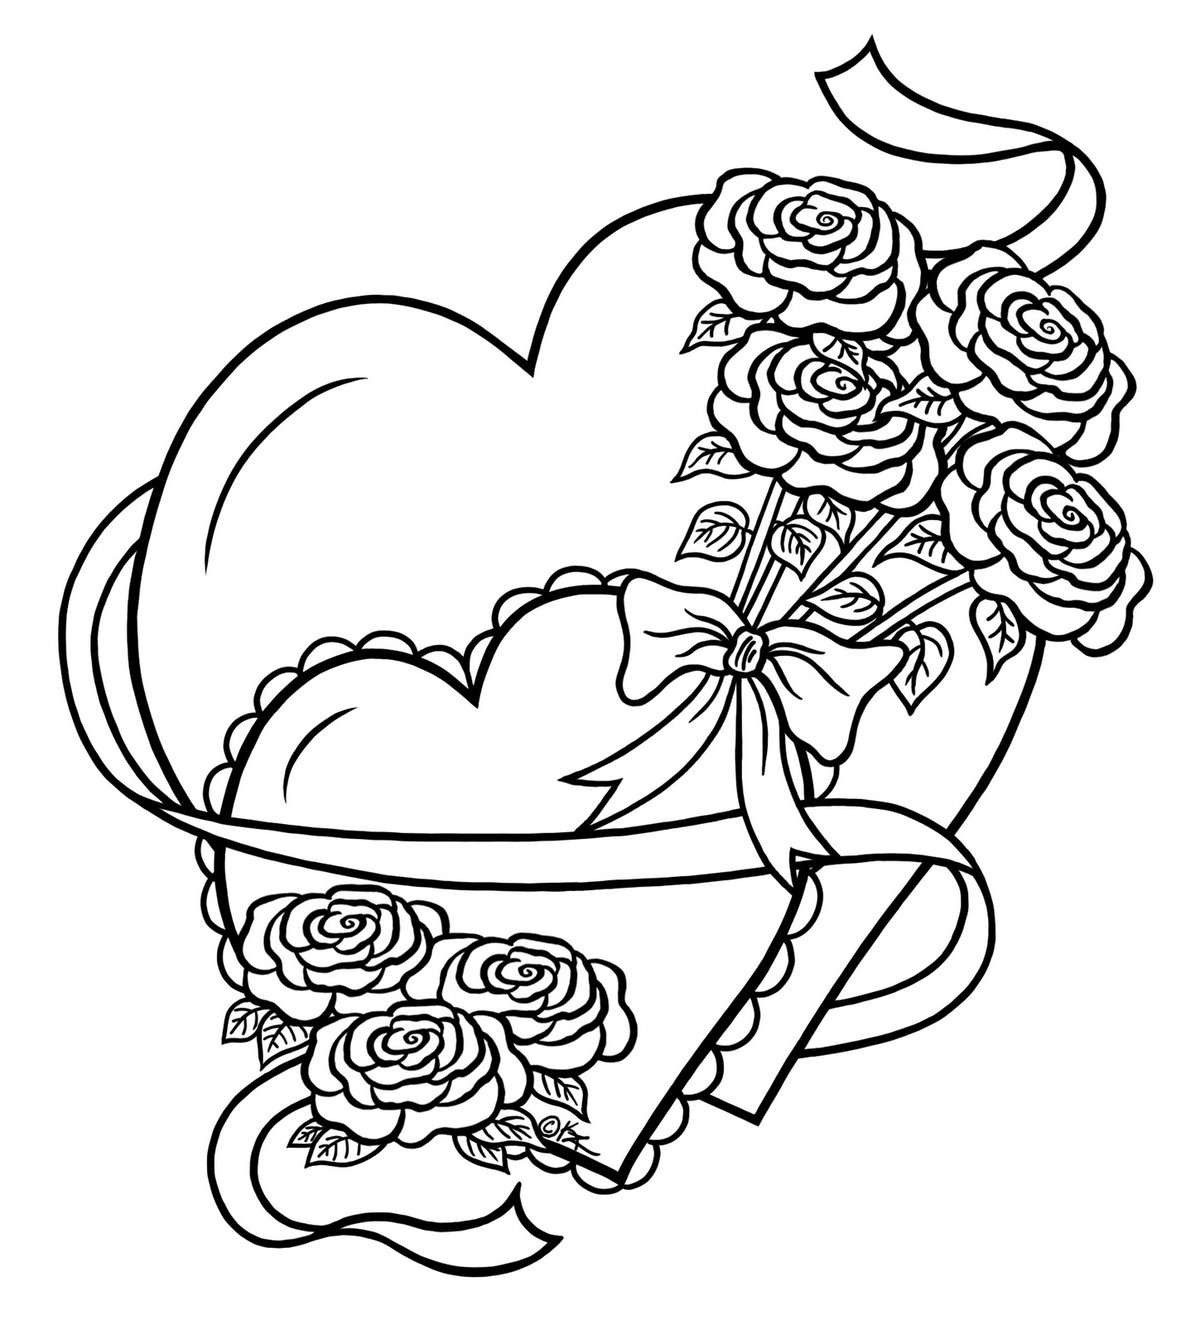 «раскраска сердце с цветами» — карточка пользователя Pasha ...